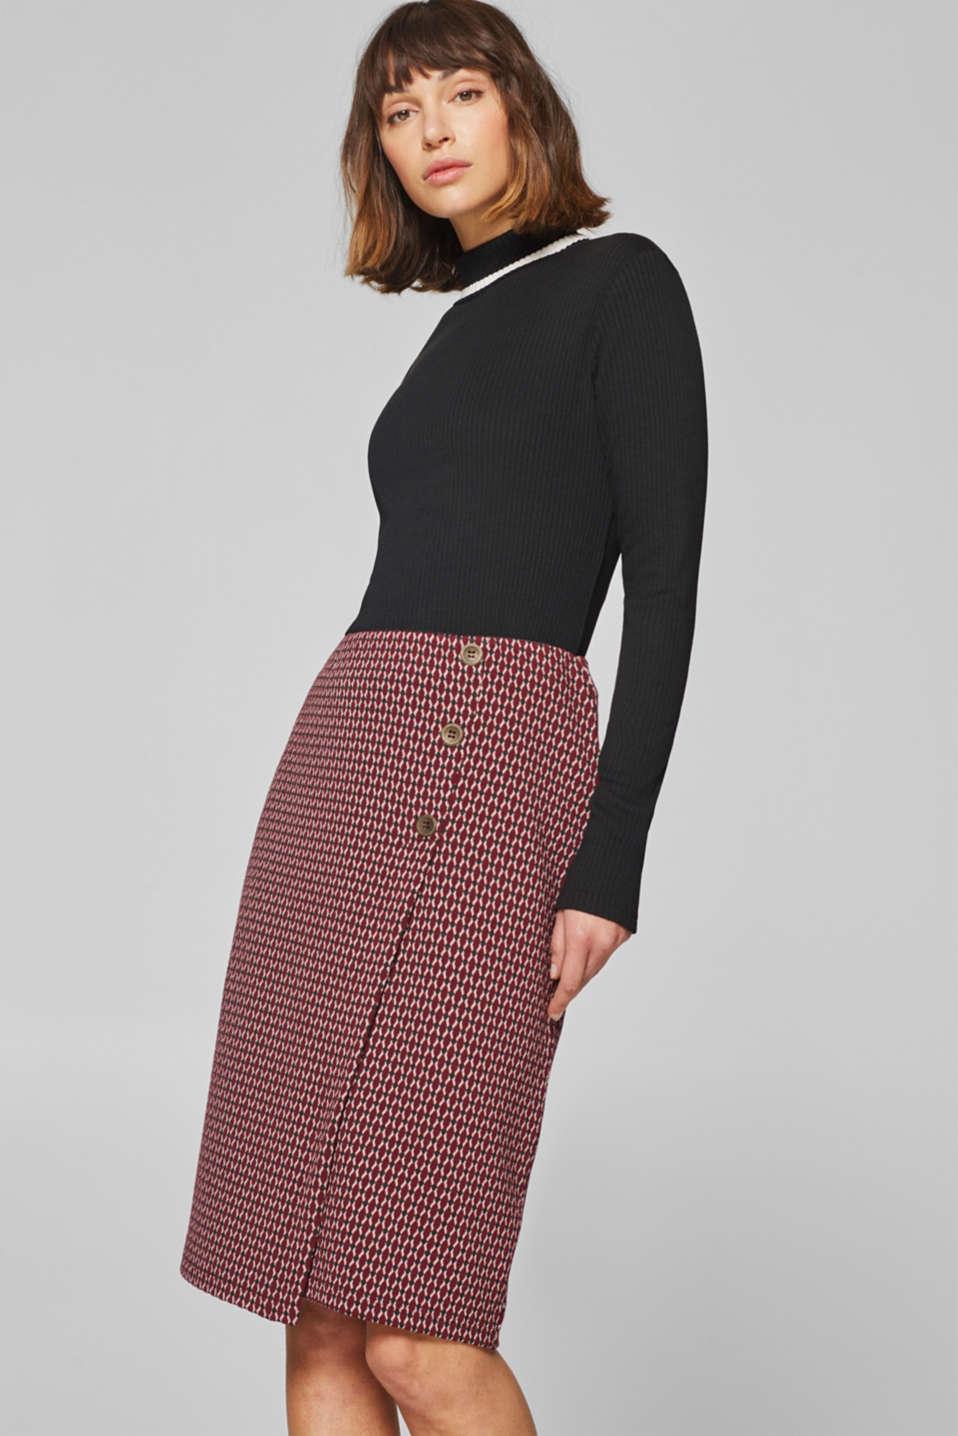 195da43452eeae edc : Jupe crayon en jersey structuré à acheter sur la Boutique en ligne